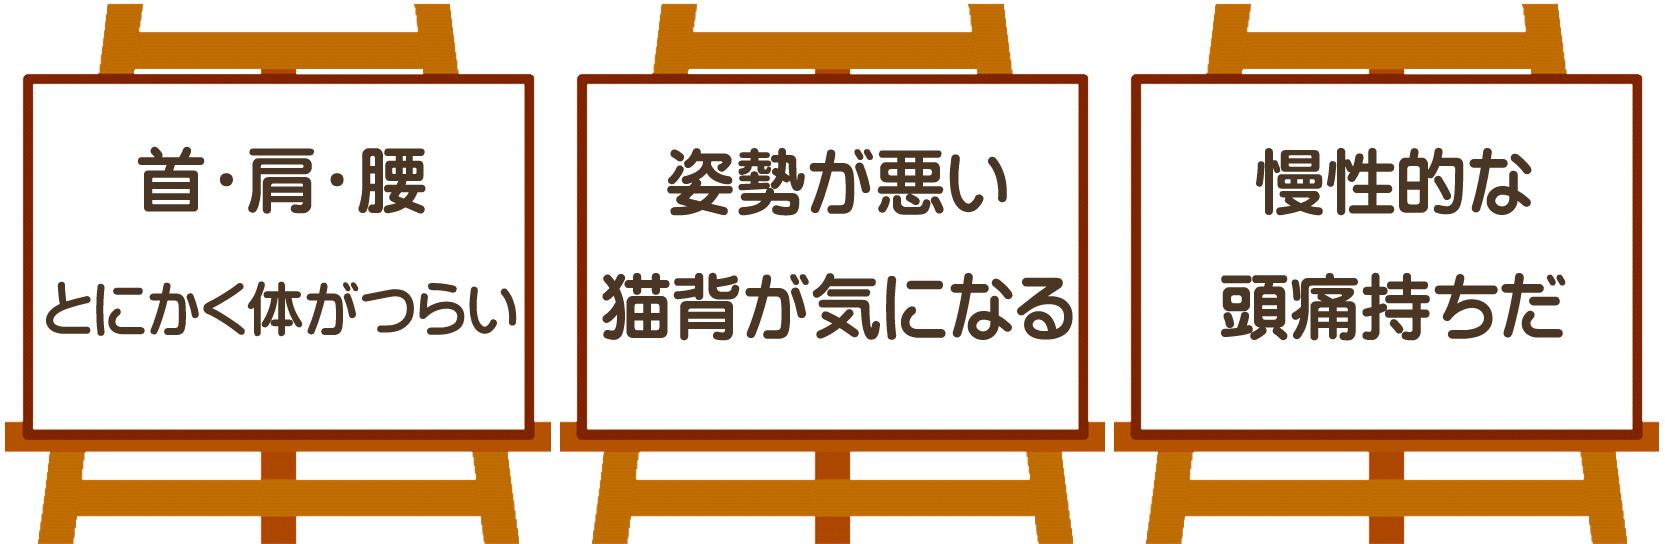 HP013.jpg